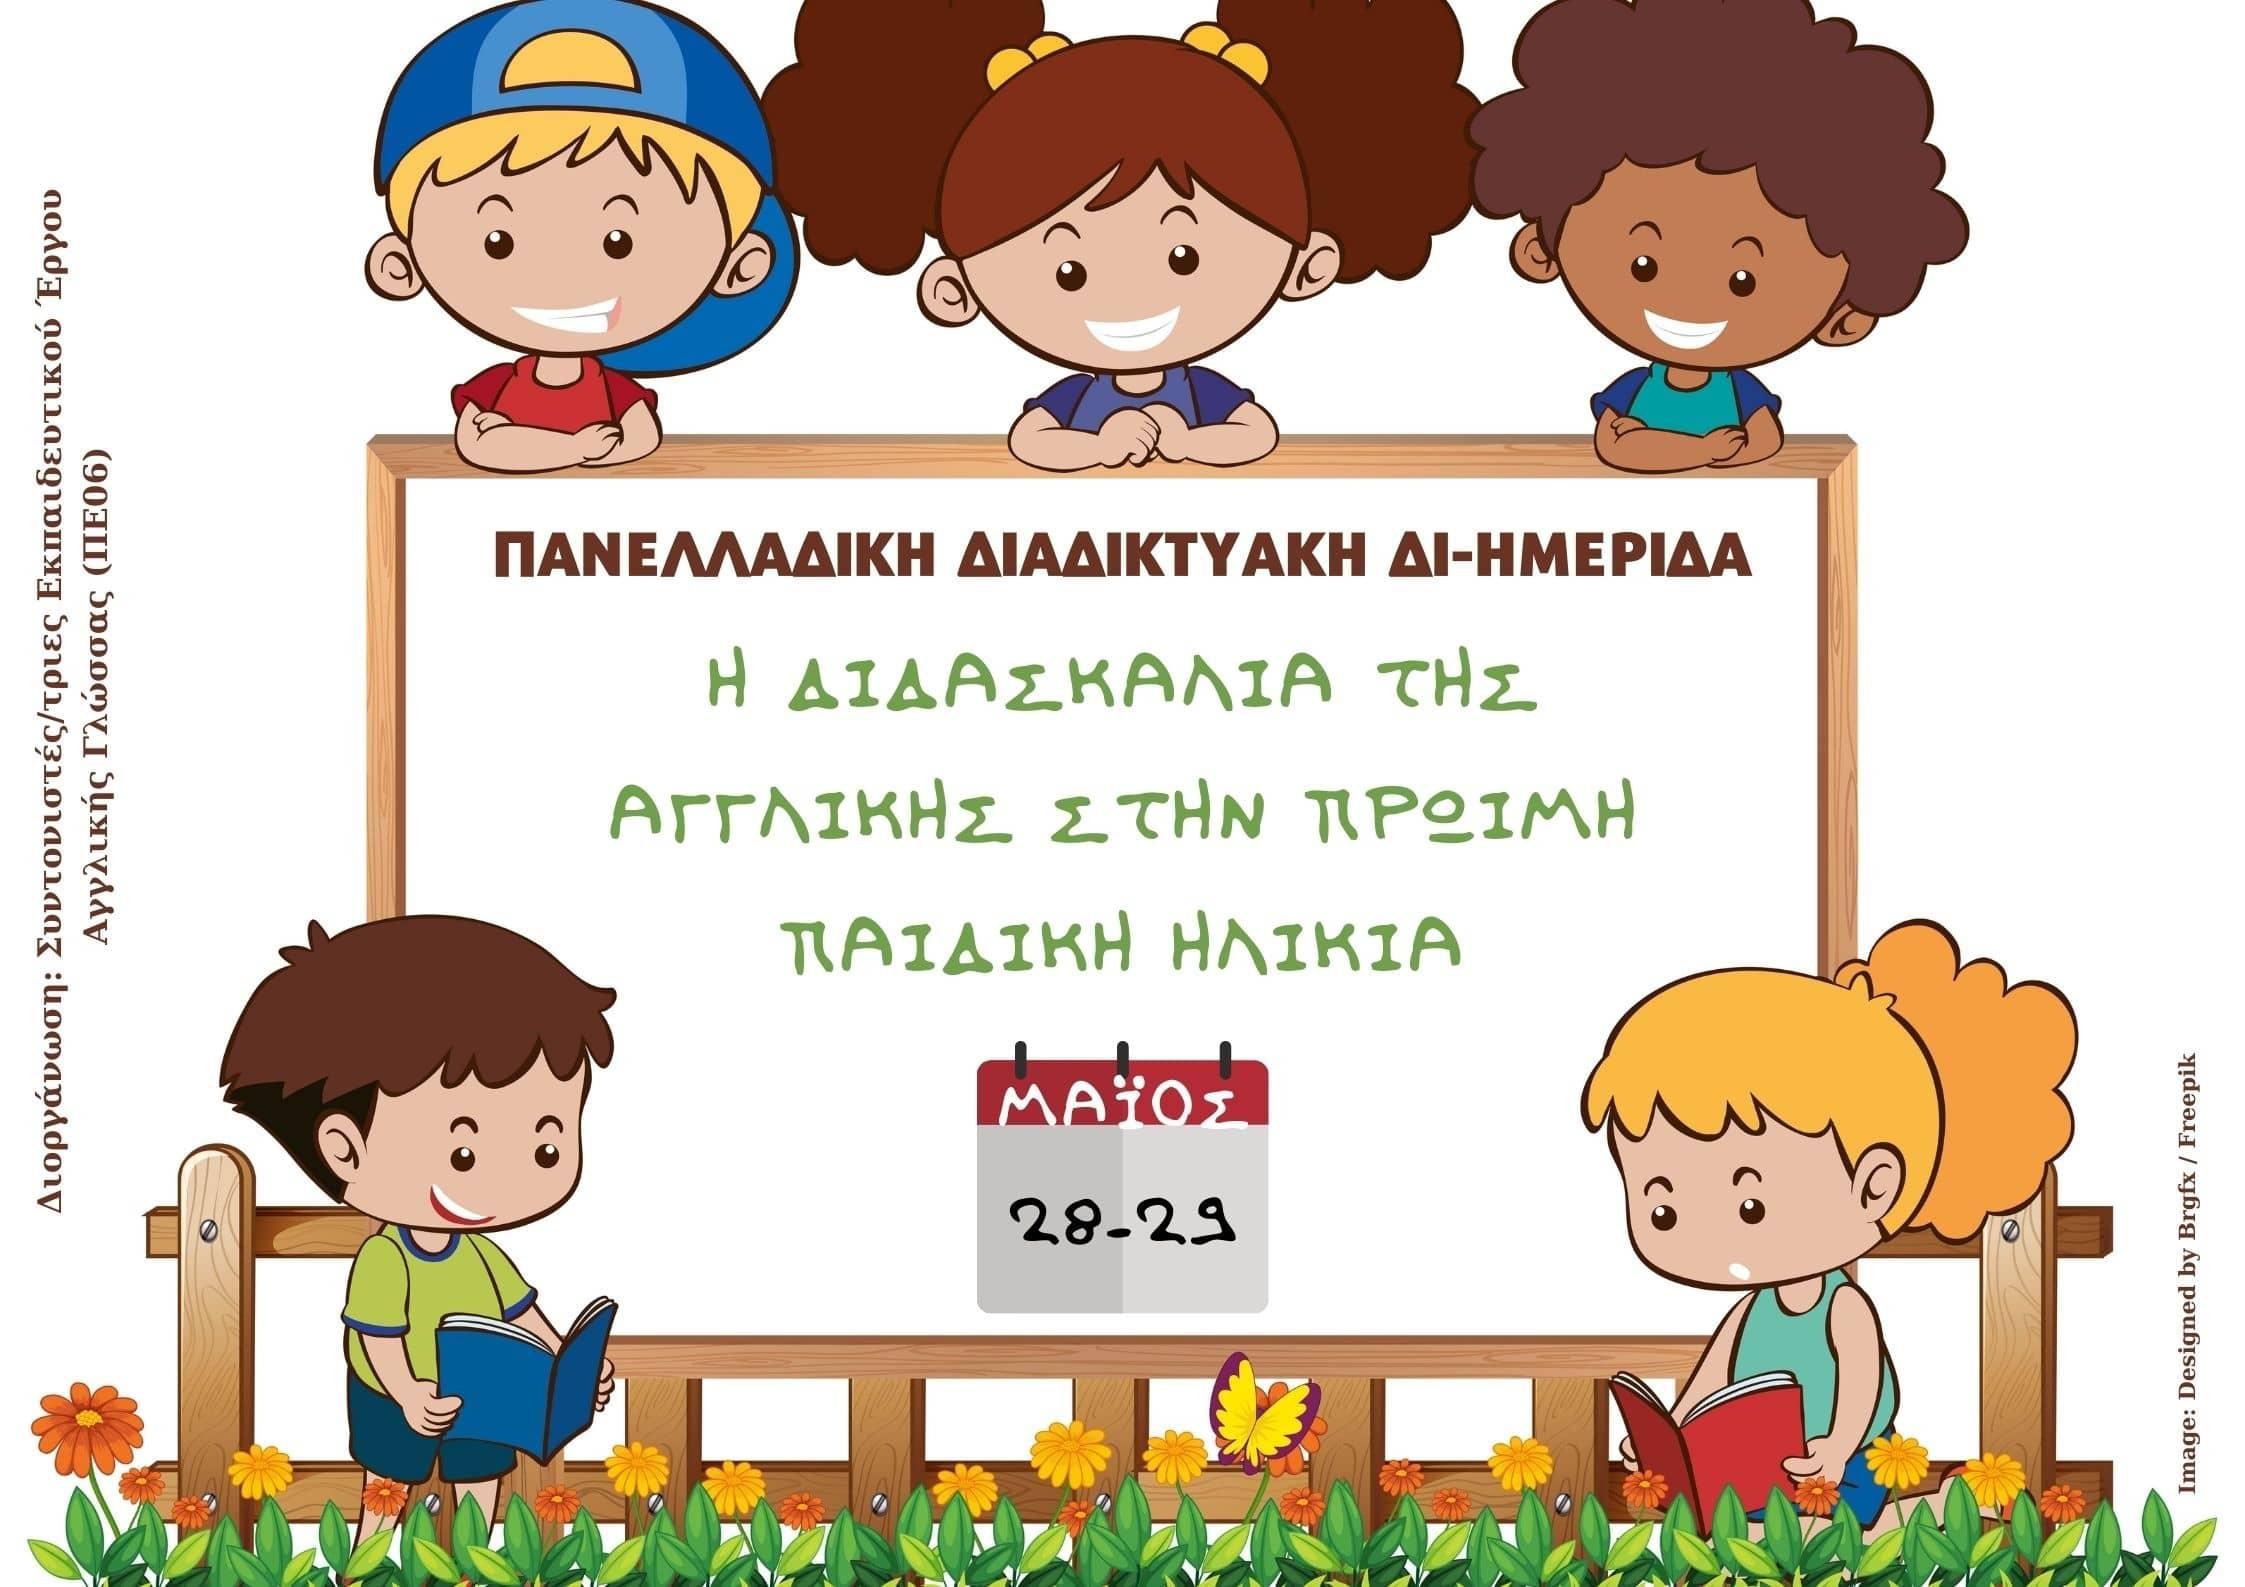 Η διδασκαλία της Αγγλικής στην Πρώιμη Παιδική Ηλικία